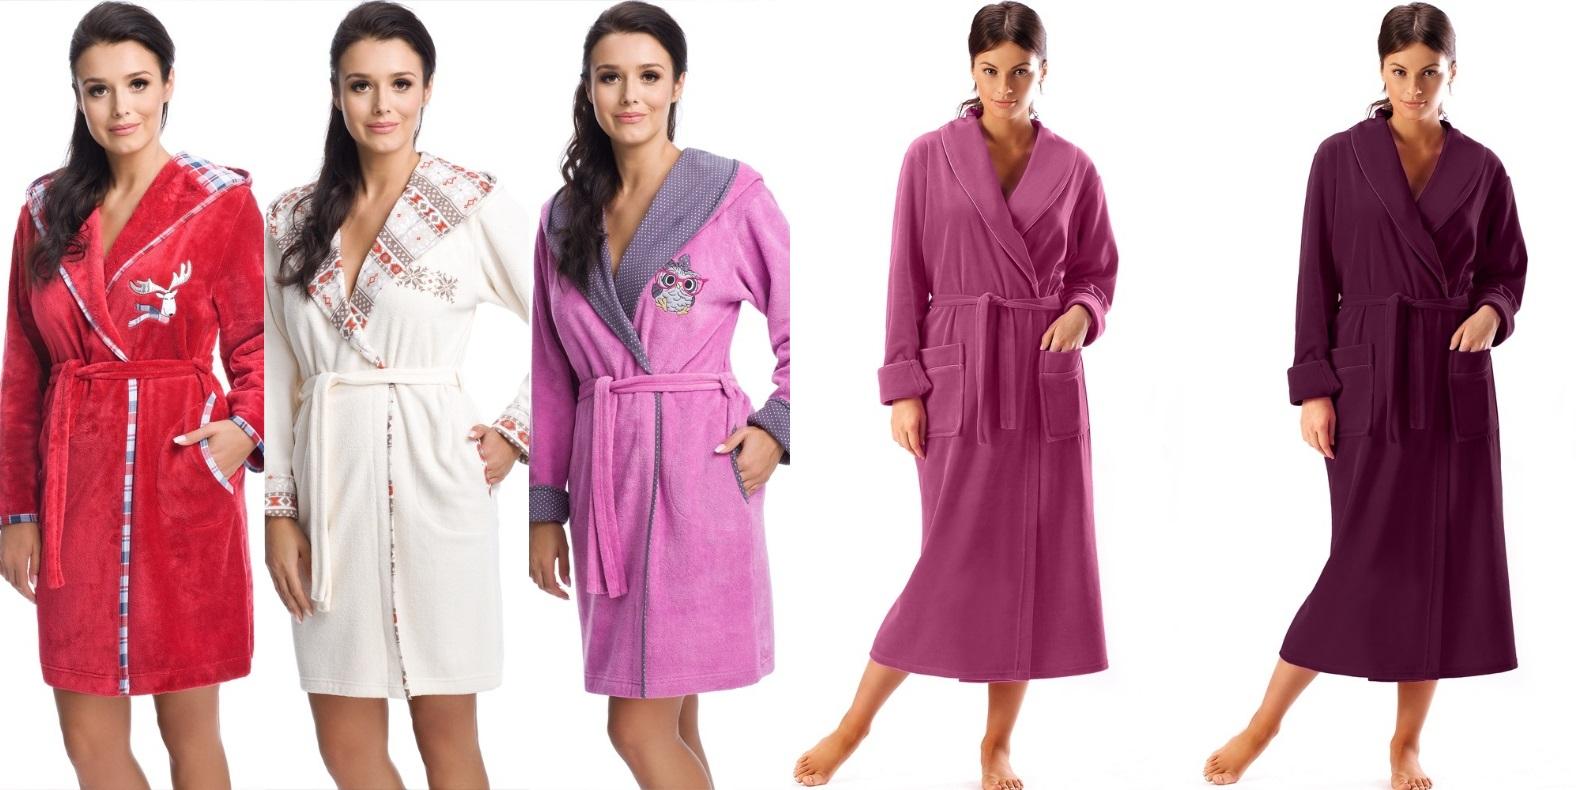 Женские халаты Dorota купить